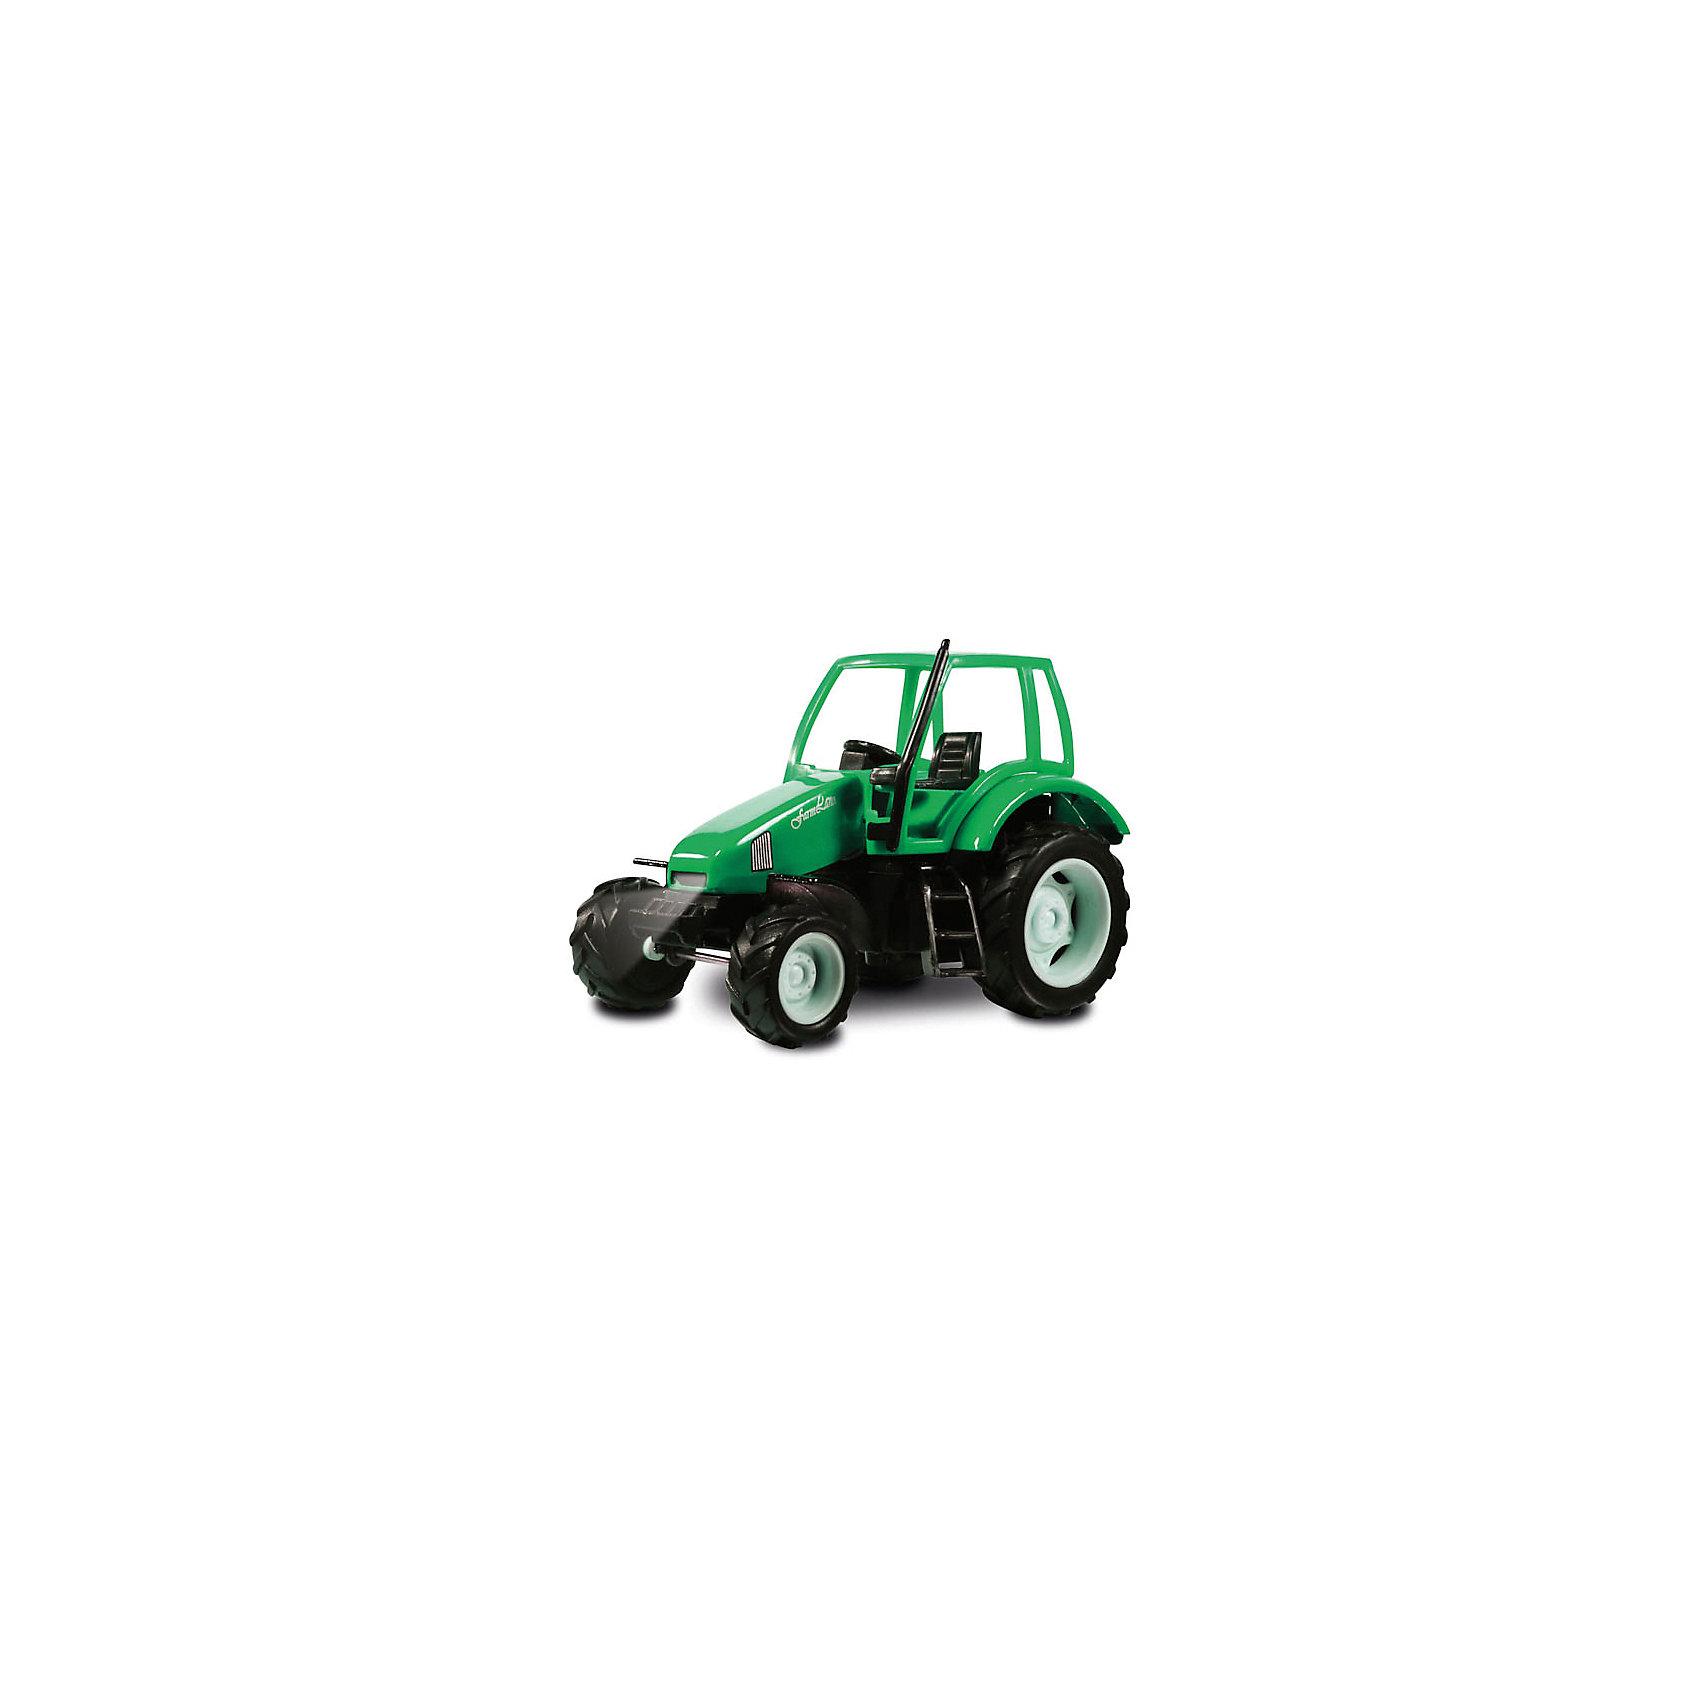 ТЕХНОПАРК Трактор, со светом и звуком, ТЕХНОПАРК tongde технопарк в блистере трактор в72180